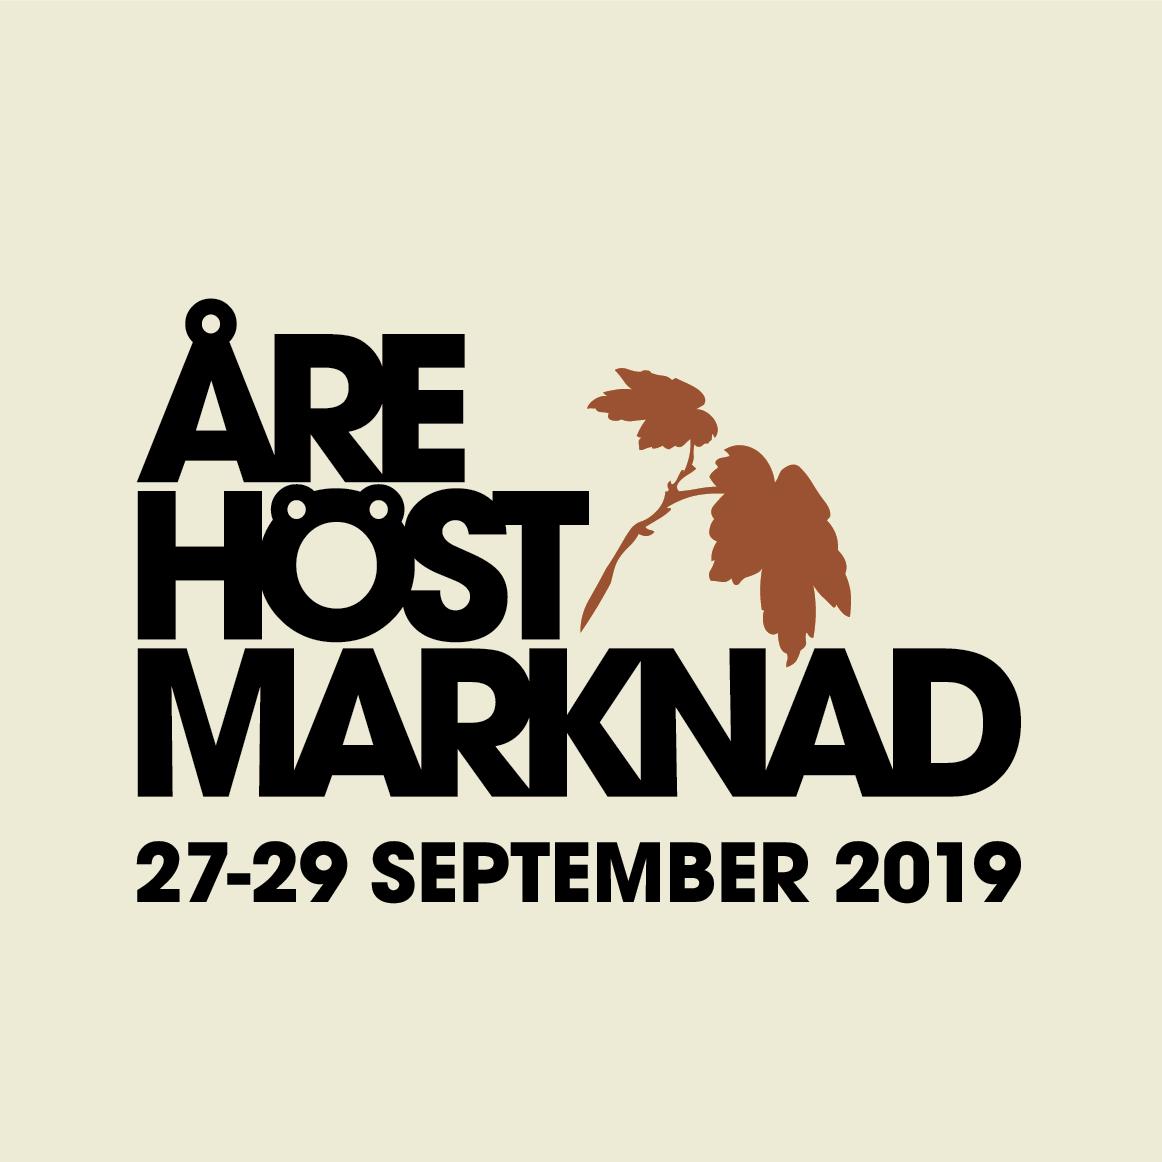 Åre Höstmarknad 2019_1.png